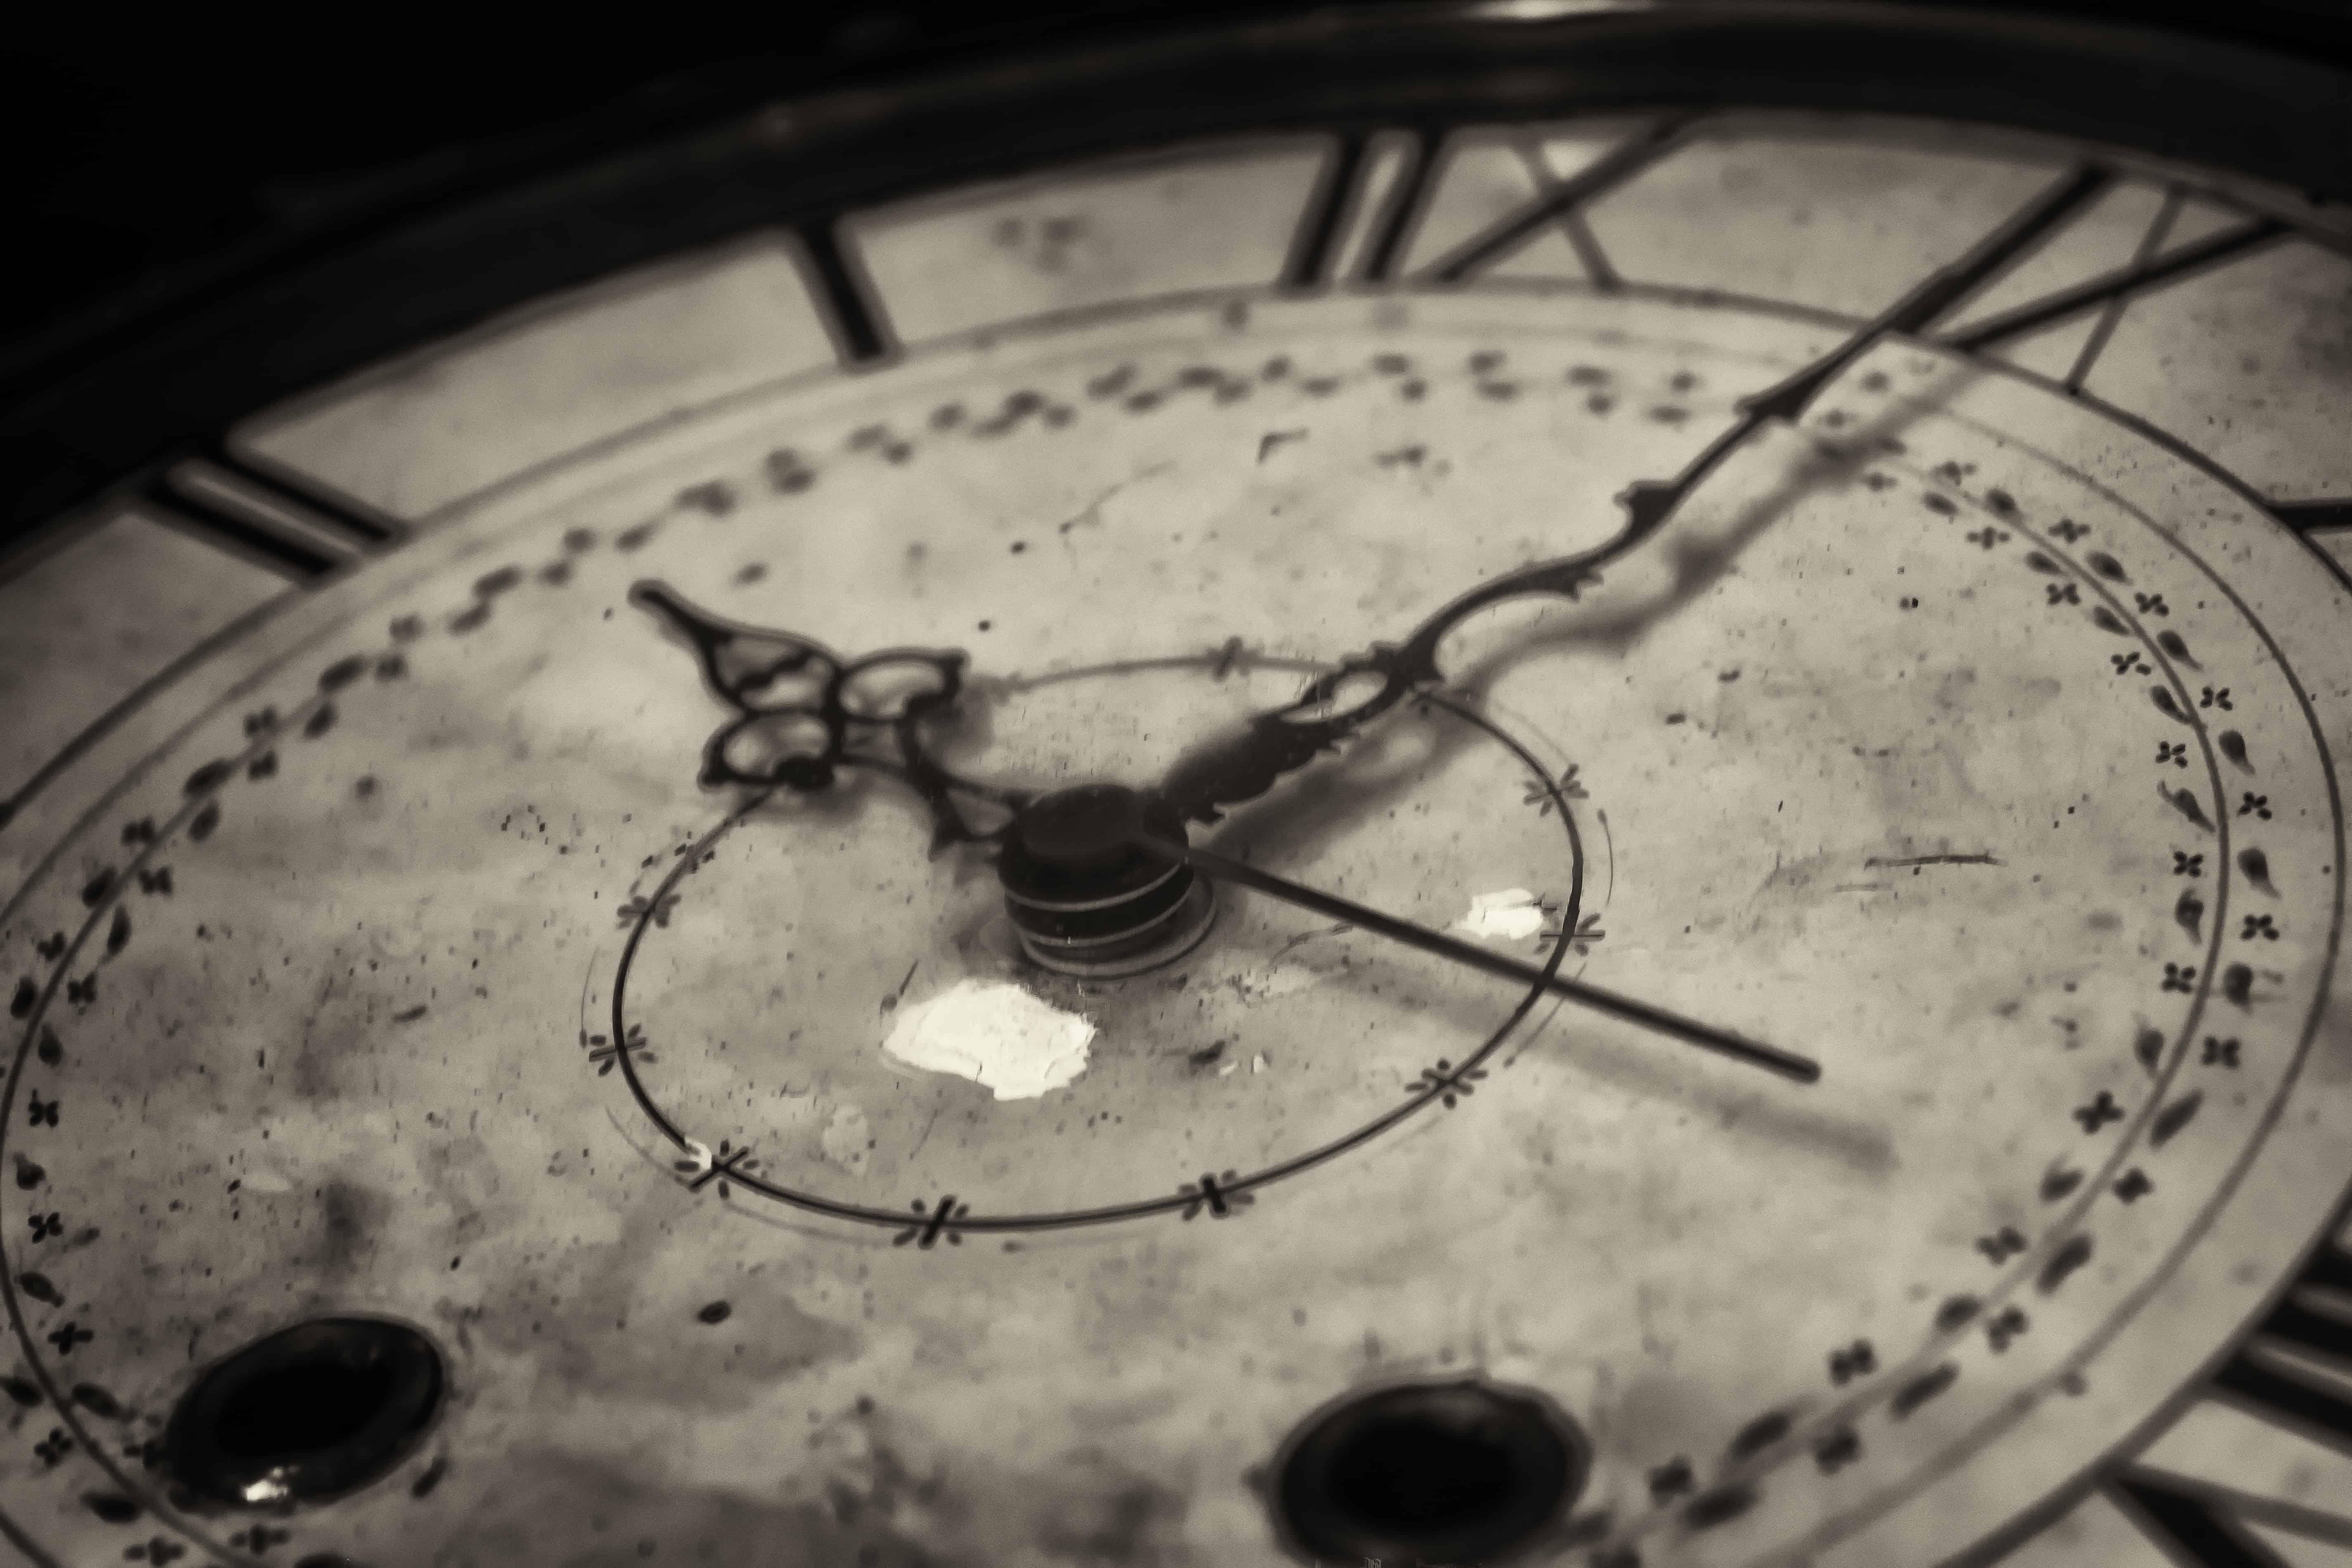 Они измеряют ход времени, символизируют его бесконечность.